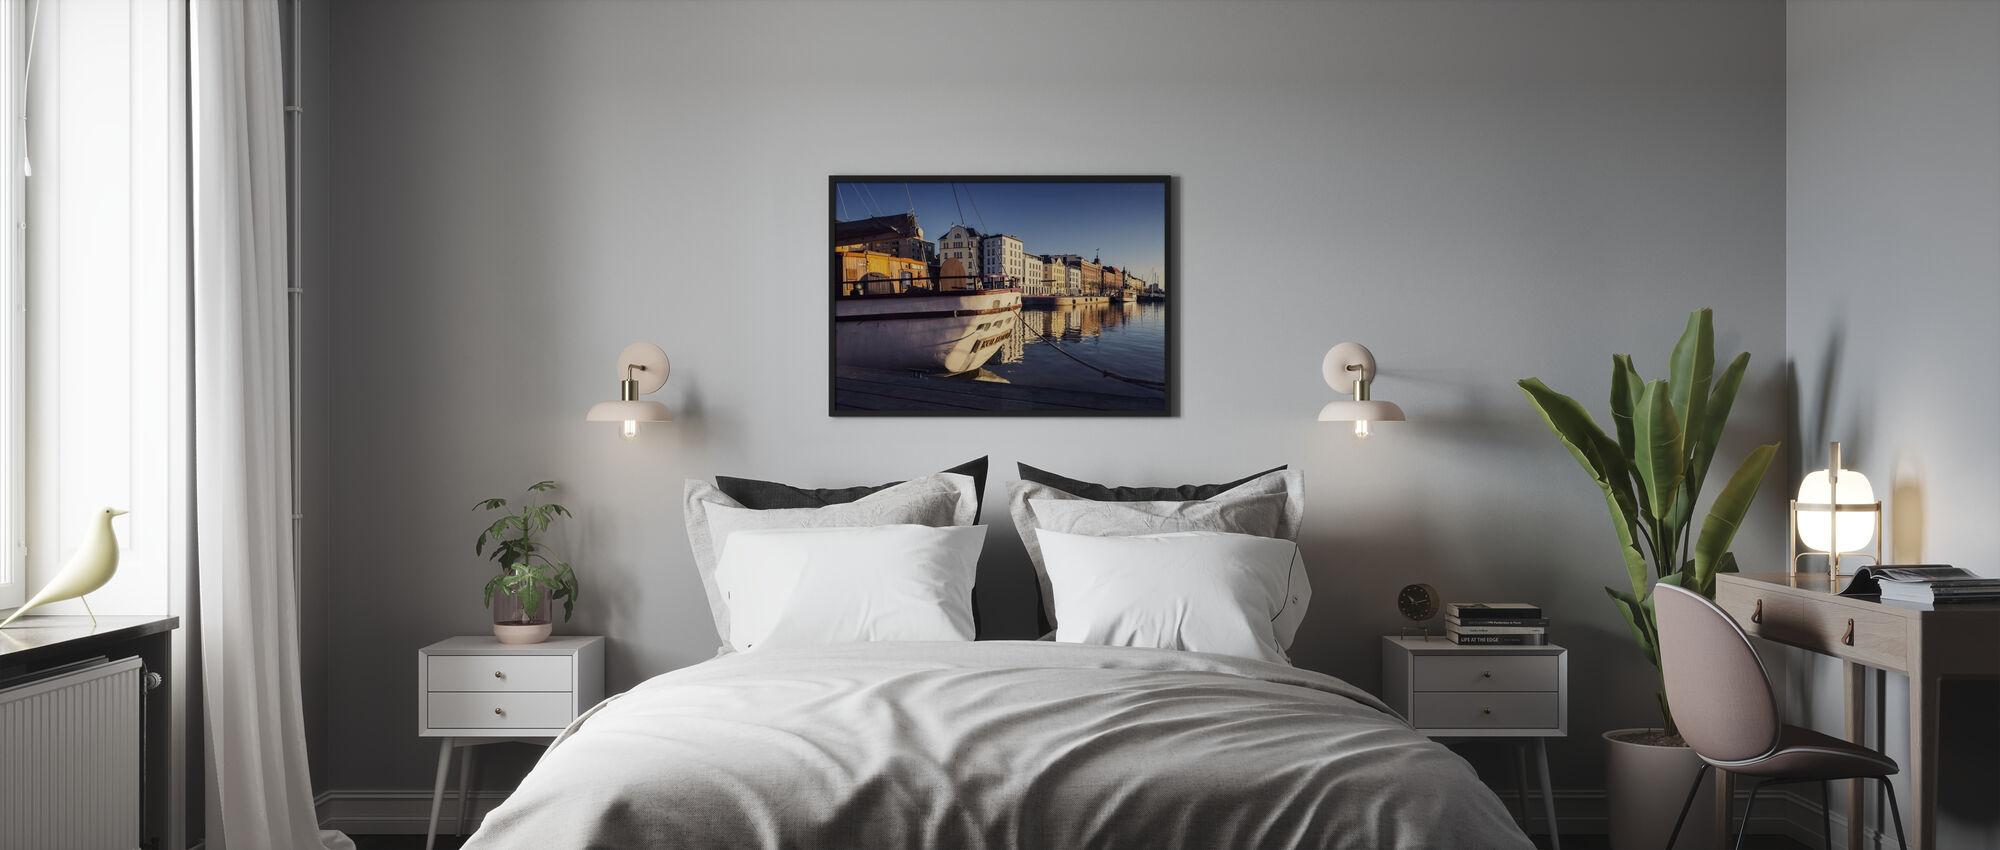 Porto Vecchio - Stampa incorniciata - Camera da letto